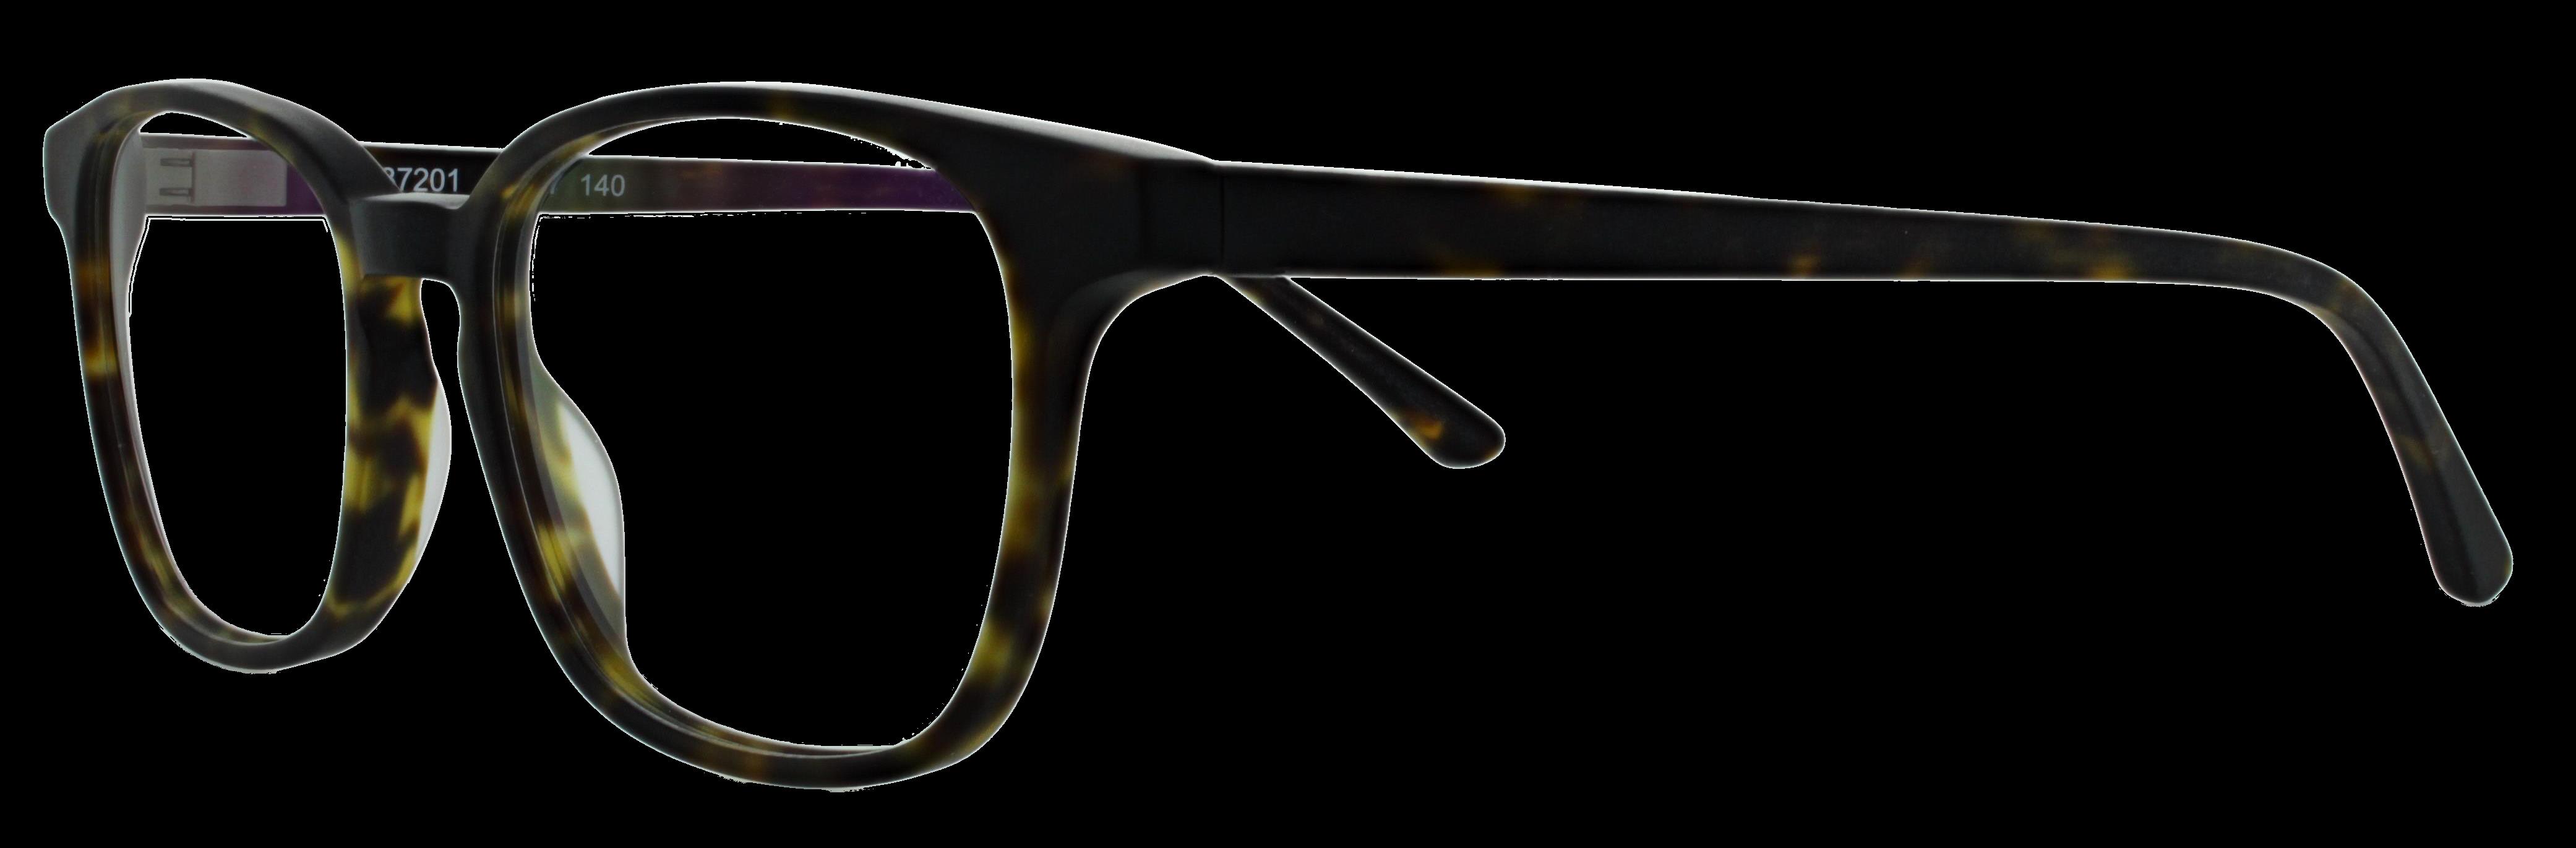 abele optik Brille 137201